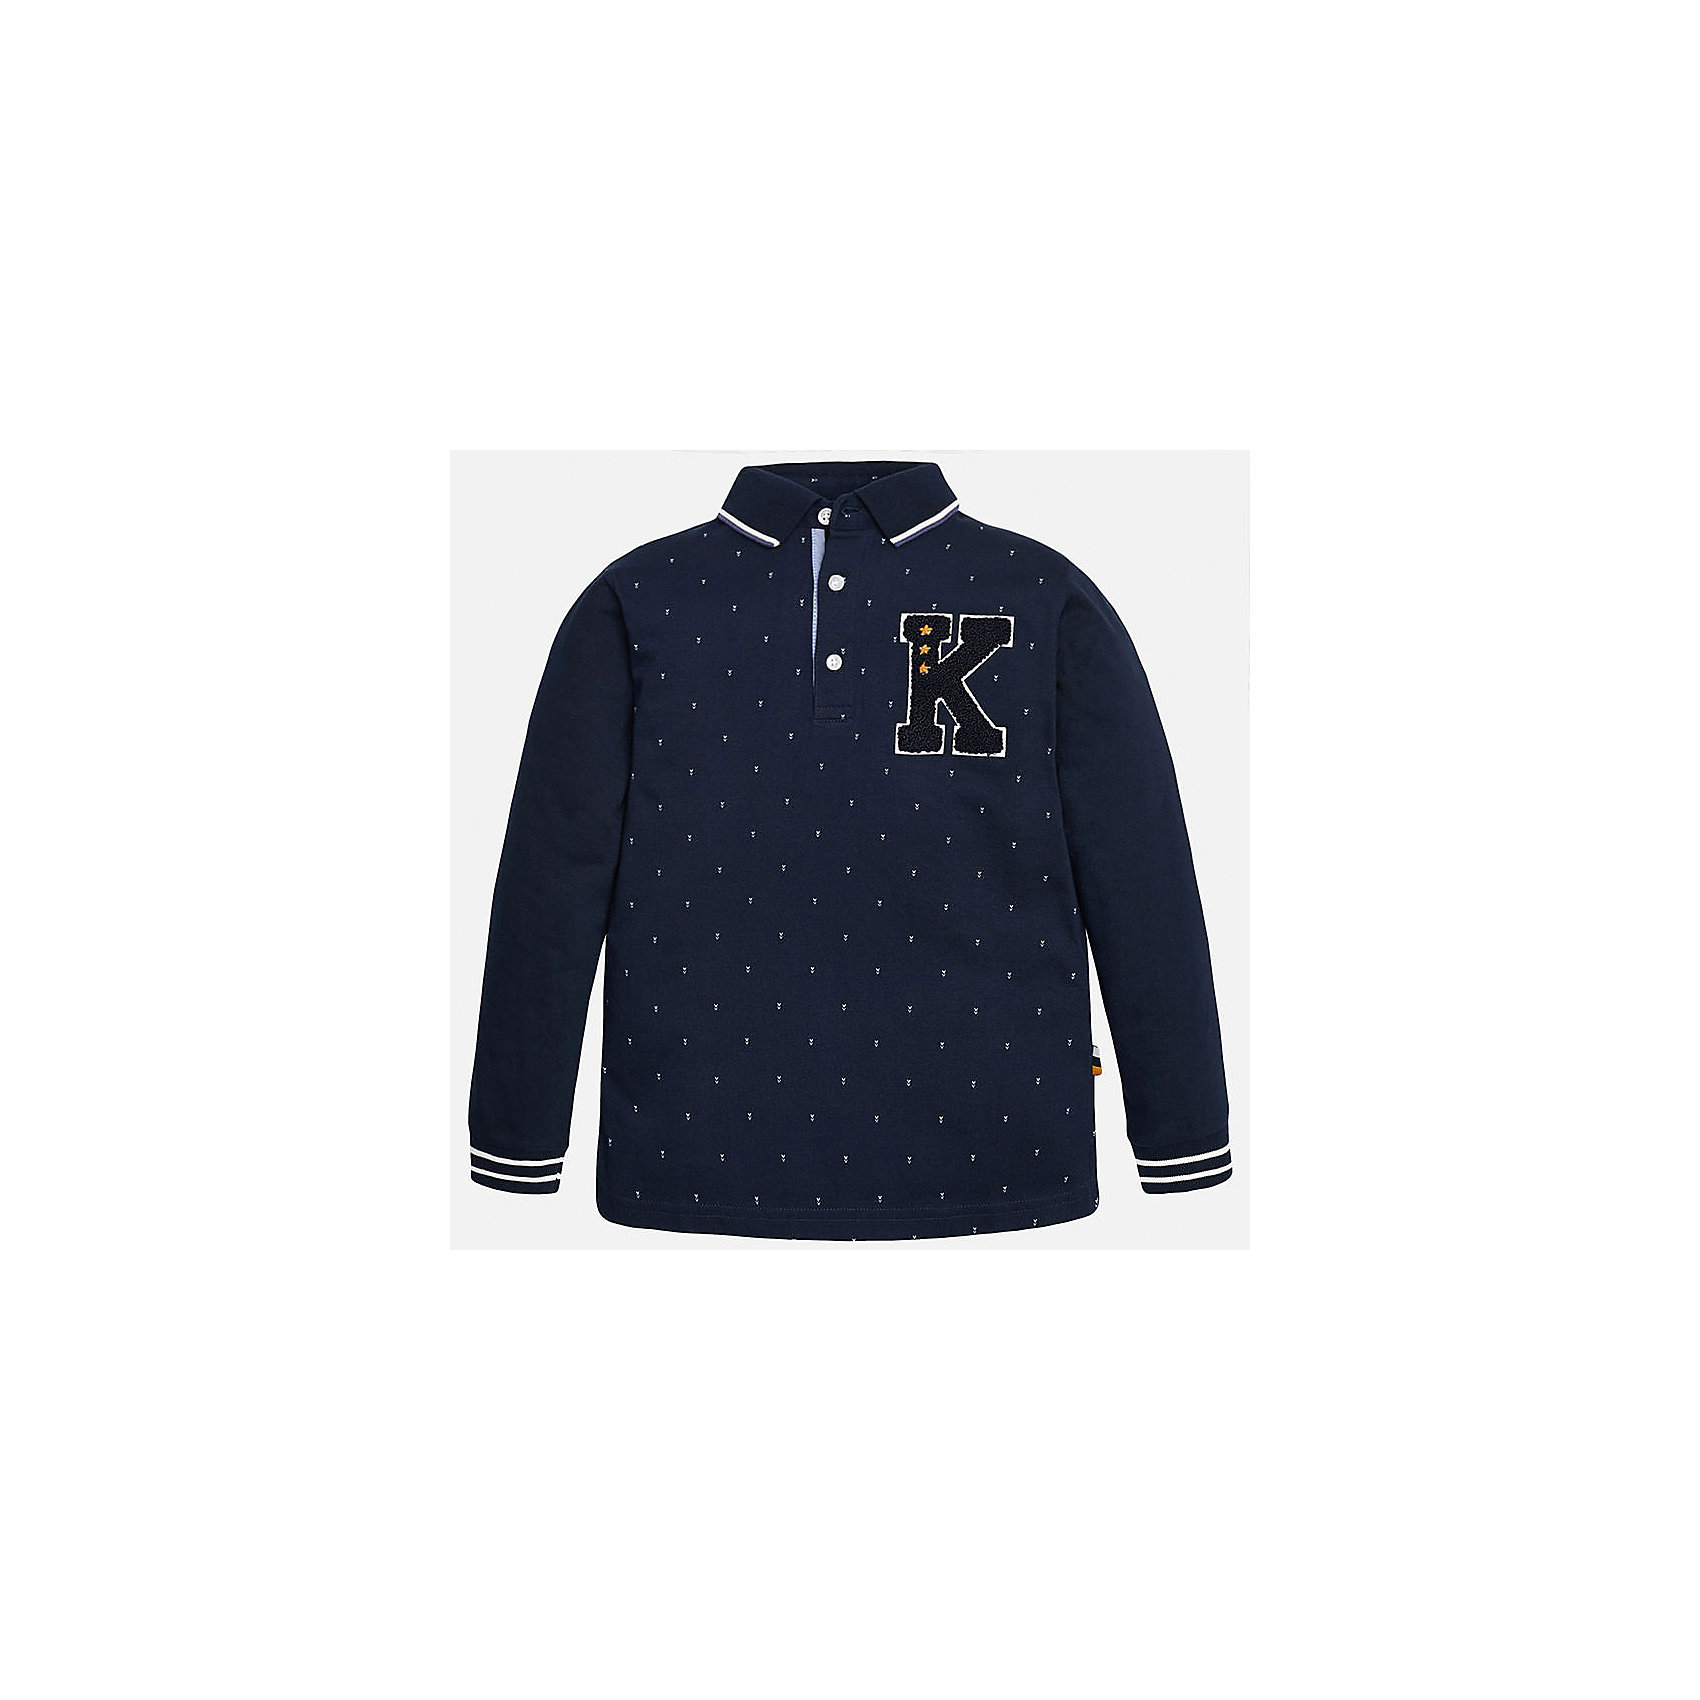 Рубашка-поло для мальчика MayoralРубашка-поло для мальчика известного испанского бренда Mayoral (Майорал). Стильная и удобная рубашка на каждый день. Приятная ткань темно-синего цвета в белую крапинку прекрасно сочетается с темно-синими рукавами и белыми полосками на откидном воротничке и манжетах (манжеты пресдтавлены в виде трикотажной резинки). Рубашка застегивается на три белые пуговицы с дизайном, а качественная махровая нашивка в спортивном стиле придет по вкусу вашему ребенку. Рубашка-поло отлично подойдет как к брюкам, так и к джинсам или штанам спортивного стиля, кроме того, ее можно носить поверх обычной рубашки.<br><br>Дополнительная информация:<br><br>- Рукав: длинный<br>- Силуэт: прямой<br>Состав: 100% хлопок<br><br>Рубашку- поло для мальчиков Mayoral (Майорал) можно купить в нашем интернет-магазине.<br><br>Подробнее:<br>• Для детей в возрасте: от 9 до 14 лет<br>• Номер товара: 4826815<br>Страна производитель: Индия<br><br>Ширина мм: 174<br>Глубина мм: 10<br>Высота мм: 169<br>Вес г: 157<br>Цвет: синий<br>Возраст от месяцев: 168<br>Возраст до месяцев: 180<br>Пол: Мужской<br>Возраст: Детский<br>Размер: 140/146,146/152,152/158,164/170,158/164,128/134<br>SKU: 4826814